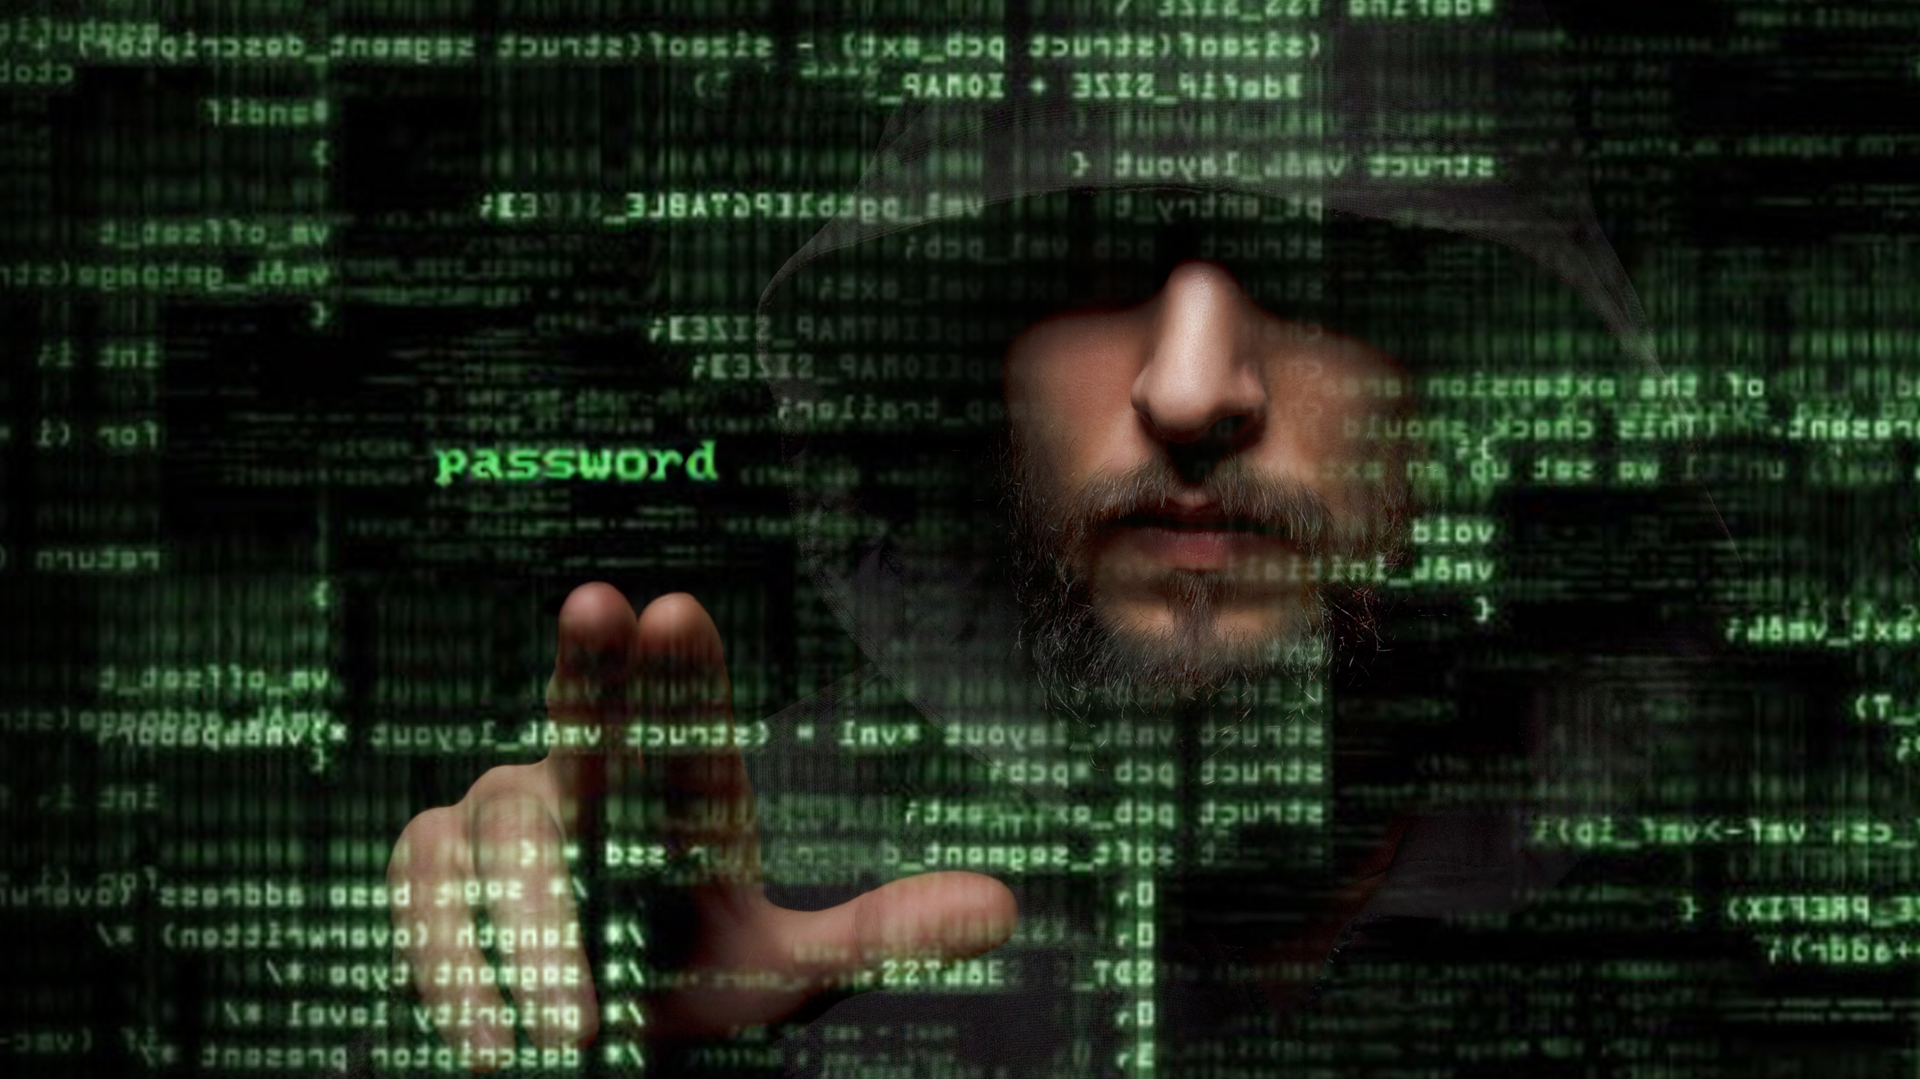 Las autoridades encontraron un código malware relacionado a los hackers rusos.(Shutterstock)